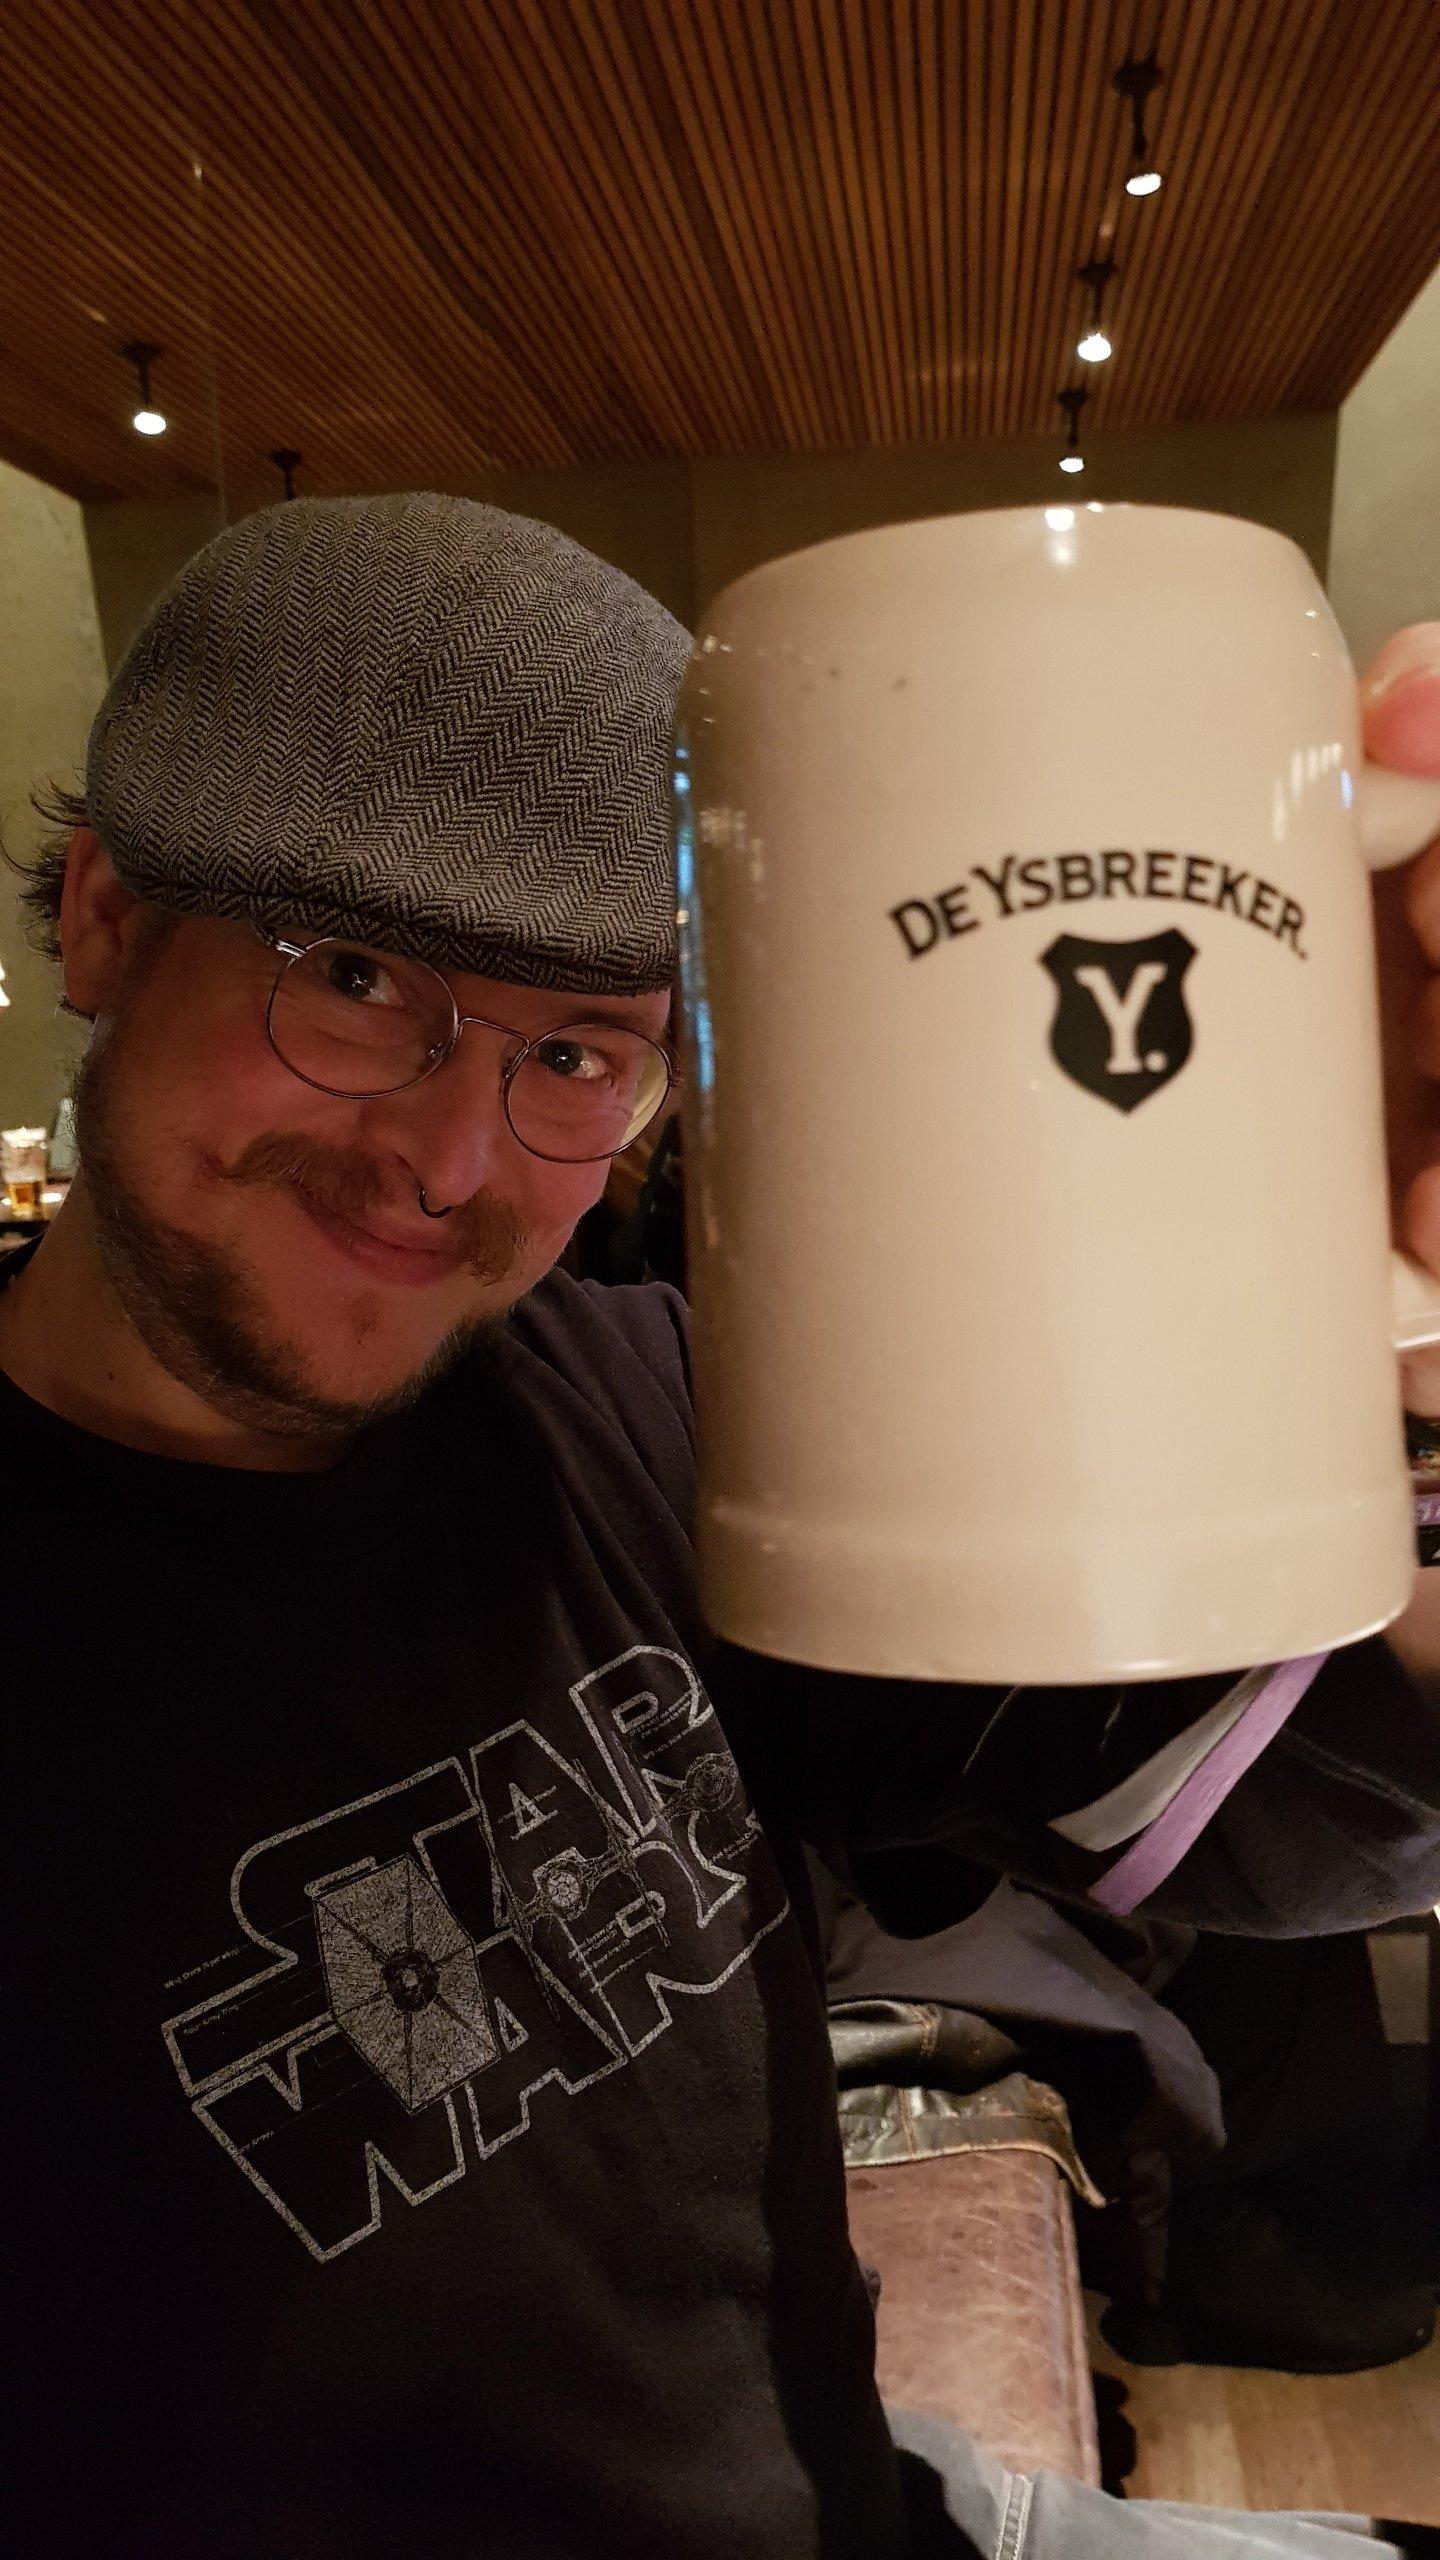 Foto van SlimmeFik vs De Ysbreeker